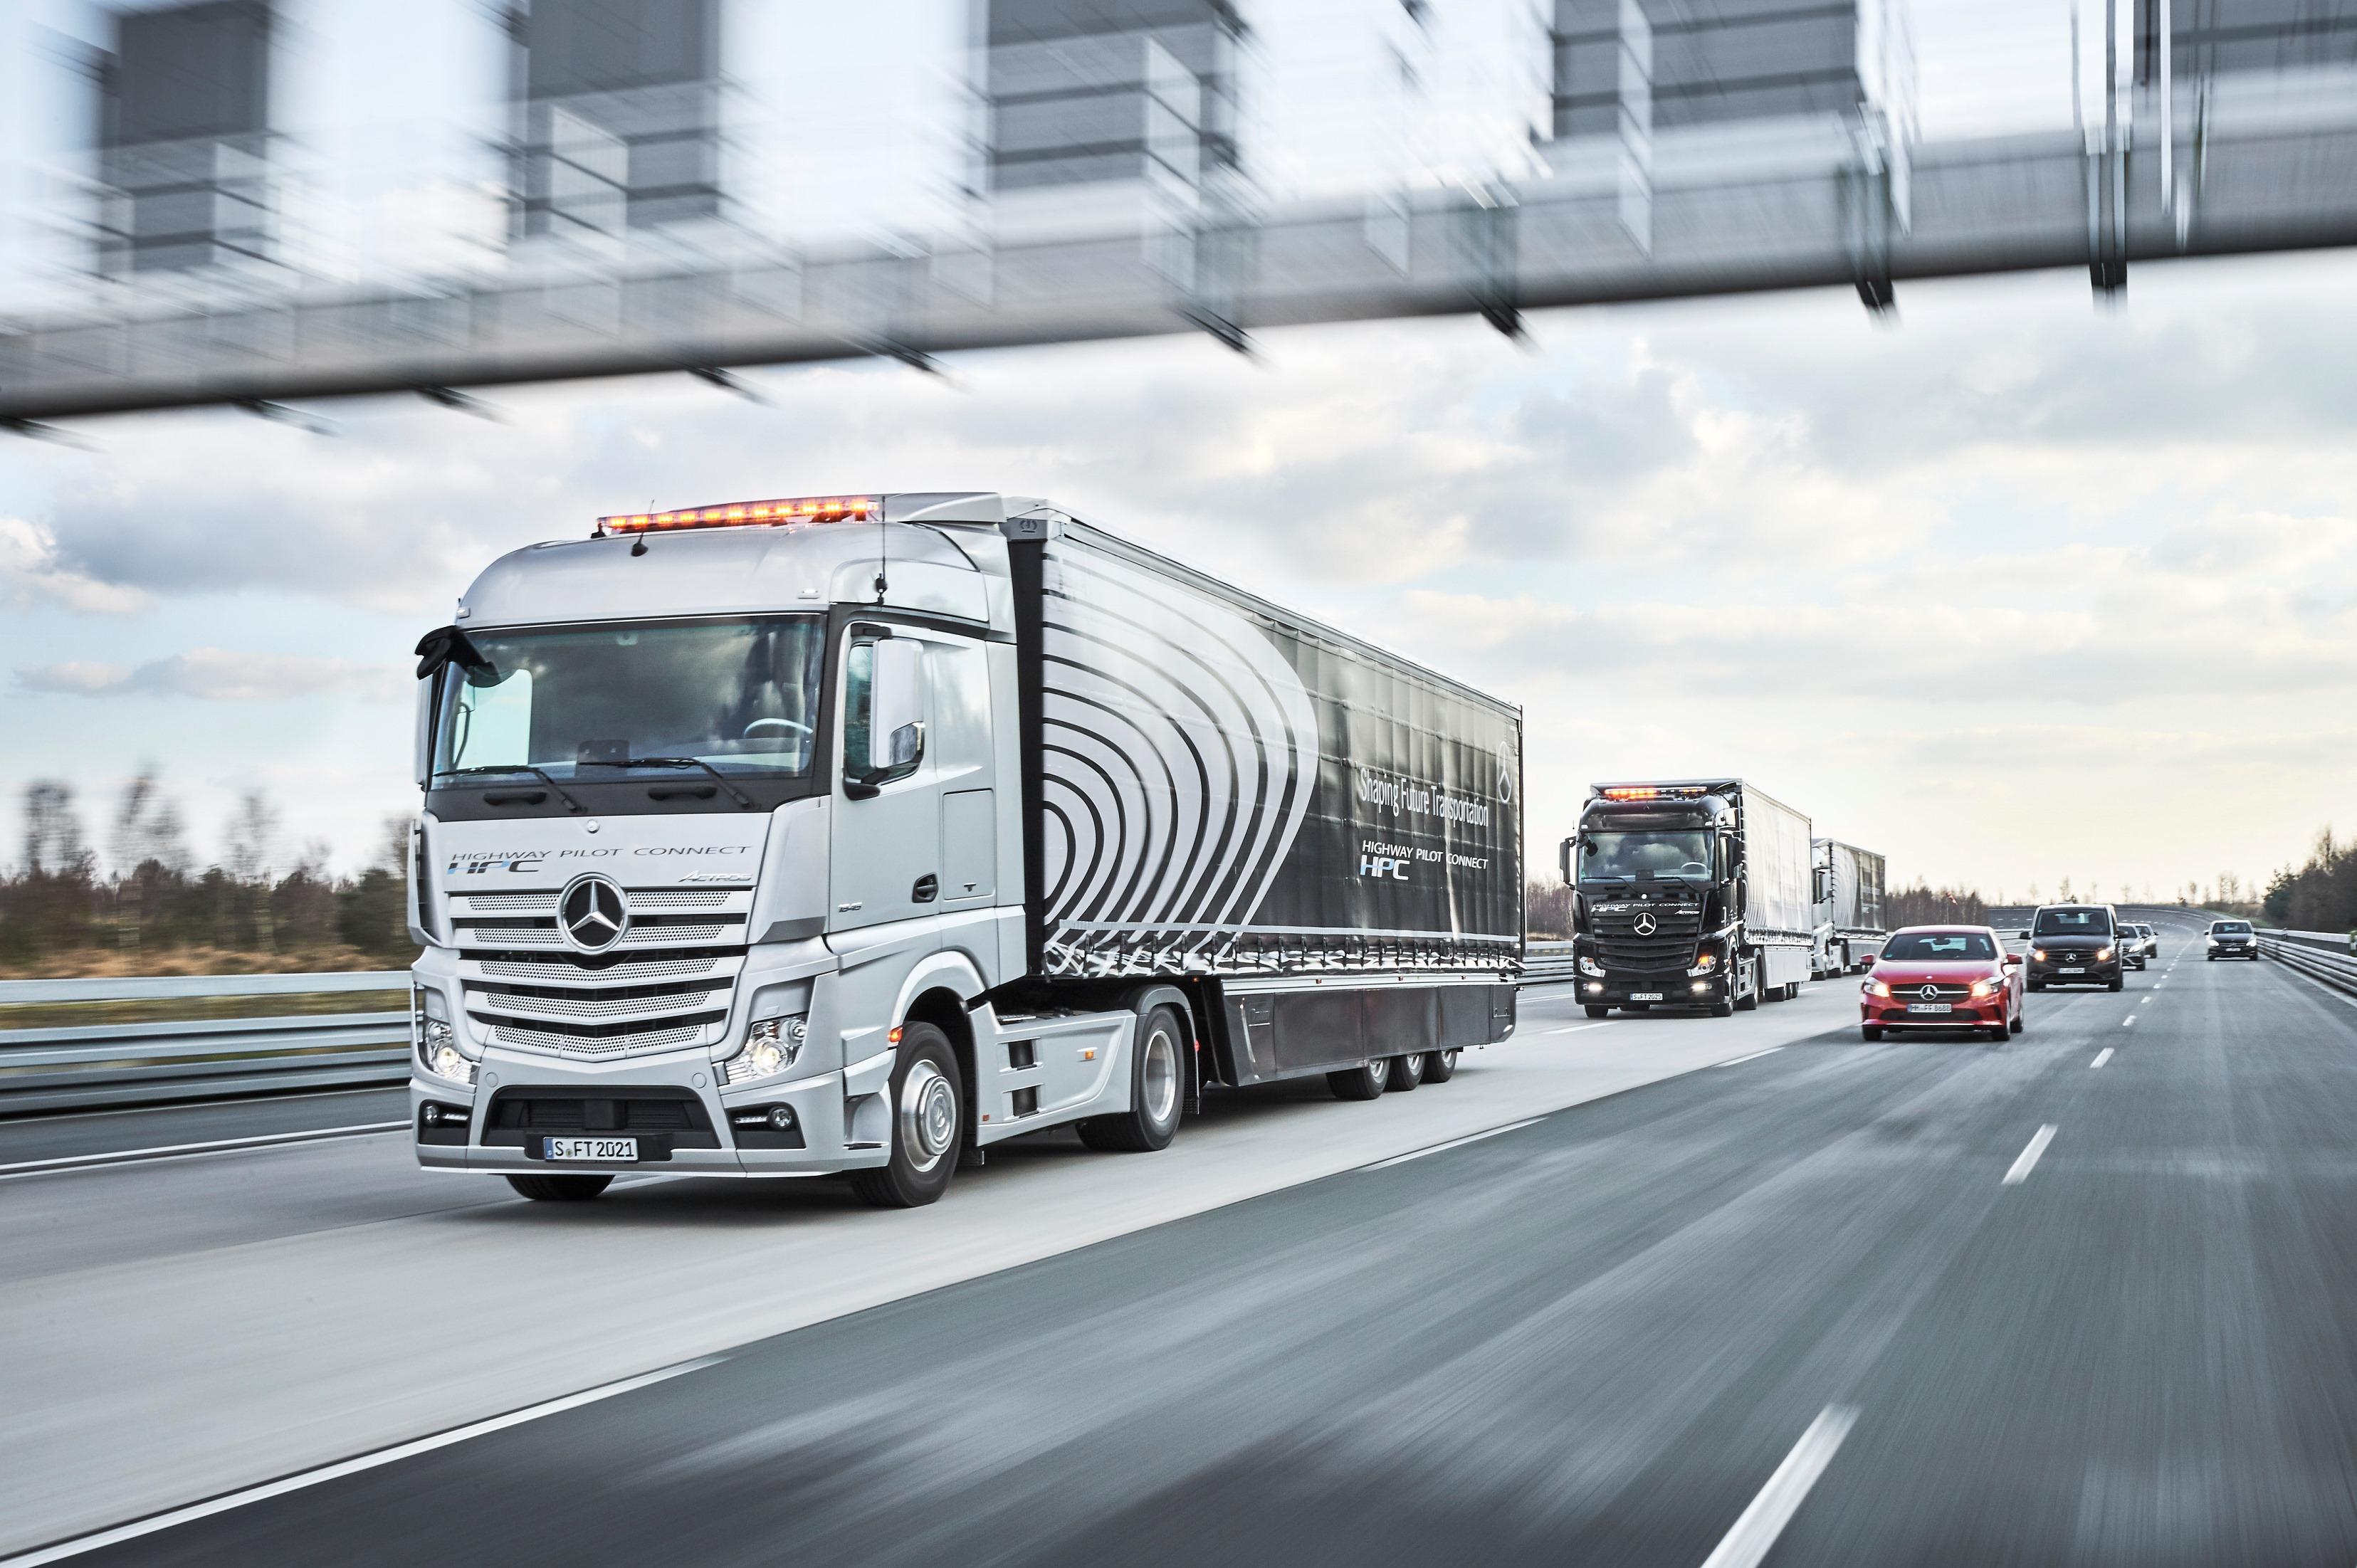 Autonomes Fahren im Einkauf: Selbstlenkende Lkw senken Kosten in der Lieferkette